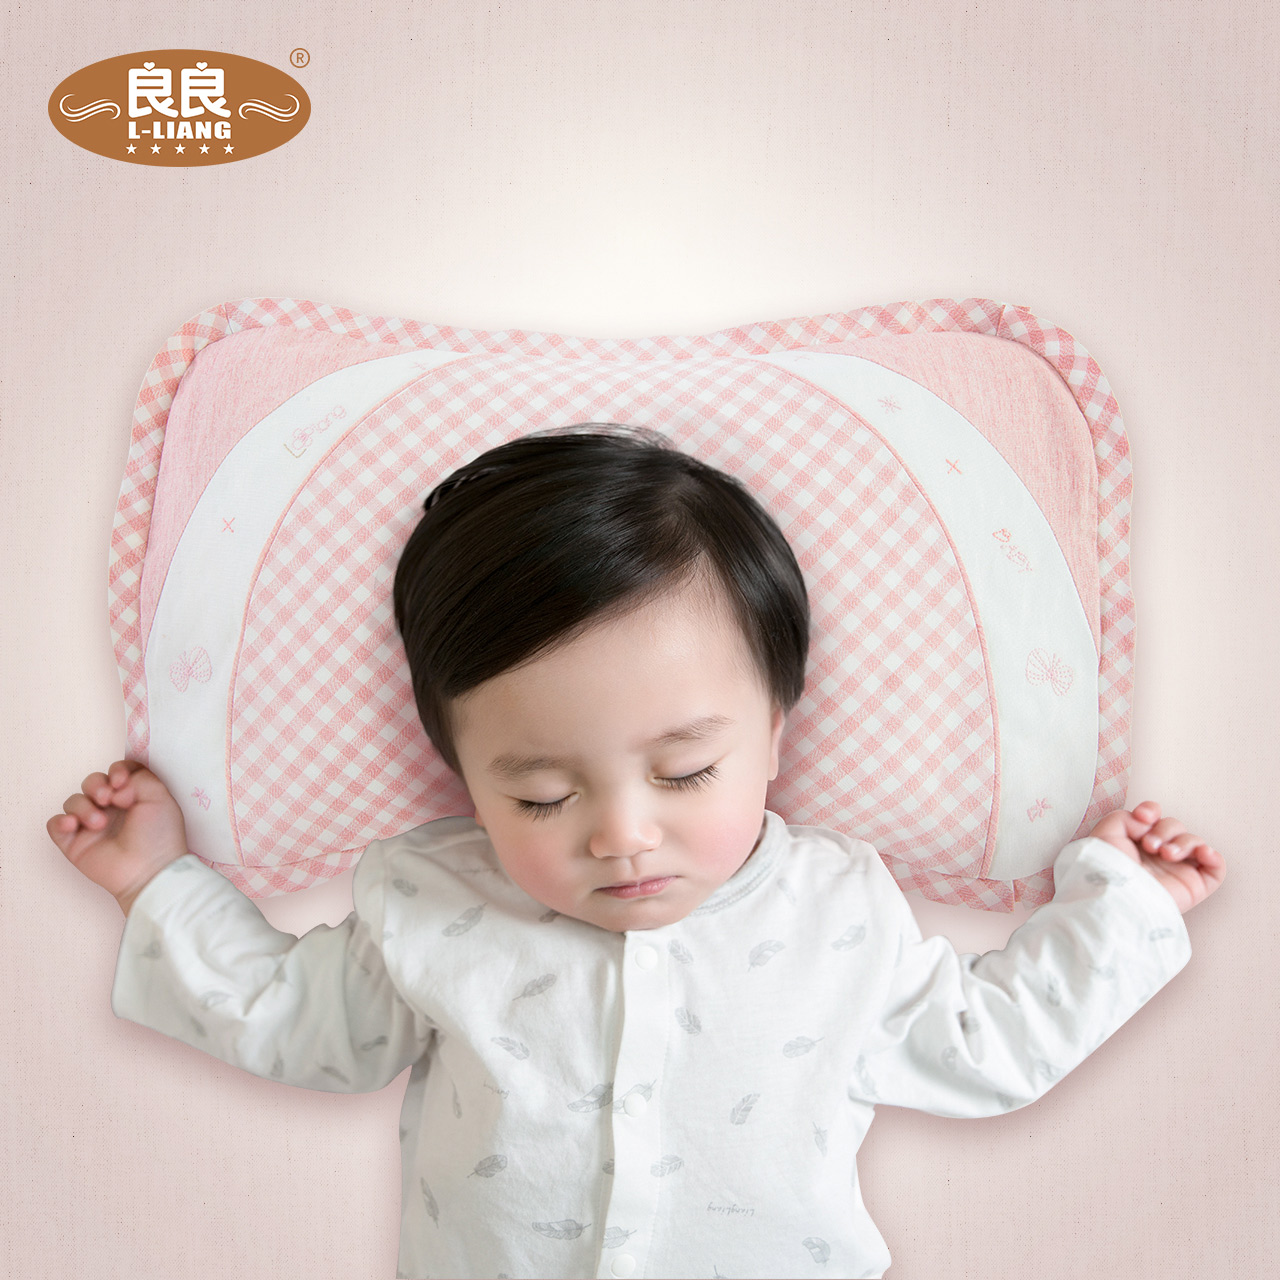 良良 婴儿枕头0-1-5岁定型枕儿童枕夏季透气新生儿宝宝防偏头初生